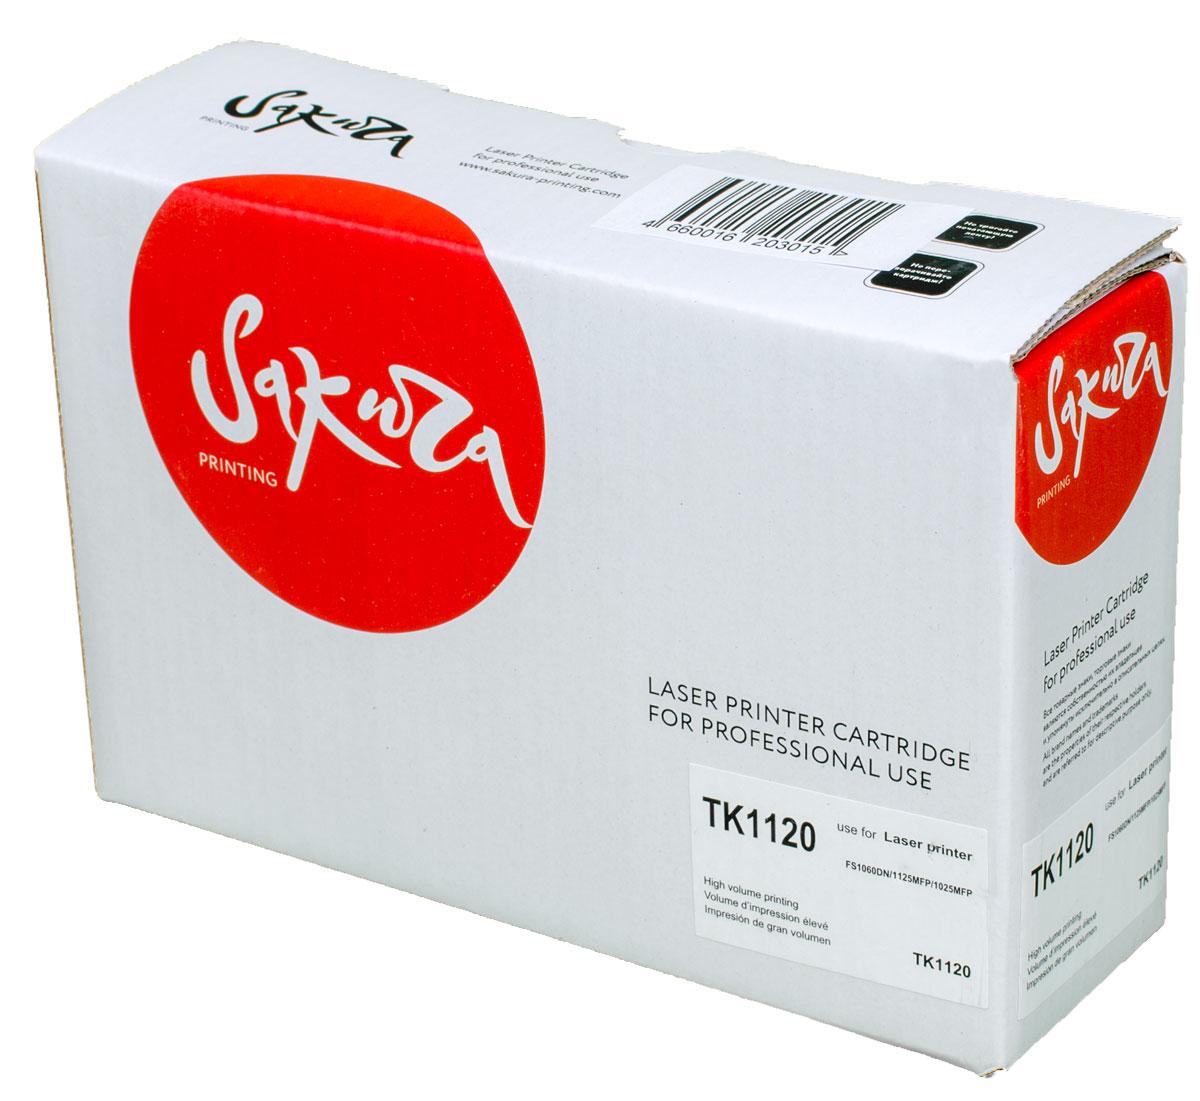 Sakura TK1120, Black тонер-картридж для Kyocera FS11060DN/FS1125MFP/FS1025MFPSATK1120Тонер-картридж Sakura TK1120 для лазерных принтеров Kyocera FS11060DN/FS1125MFP/FS1025MFP является альтернативным решением для замены оригинальных картриджей. Он печатает с тем же качеством и имеет тот же ресурс, что и оригинальный картридж. В картриджах компании Sakura используется химический синтезированный тонер, который в отличие от дешевого тонера из перемолотого полимера, не царапает, а смазывает печатающий вал, что приводит к возможности многократных перезаправок картриджей. Такой подход гарантирует долгий срок службы принтера, превосходное качество и стабильность печати. Тонер-картриджи Sakura производятся при строгом соответствии стандартам ISO 9001 и ISO 14001, что подтверждено международными сертификатами.